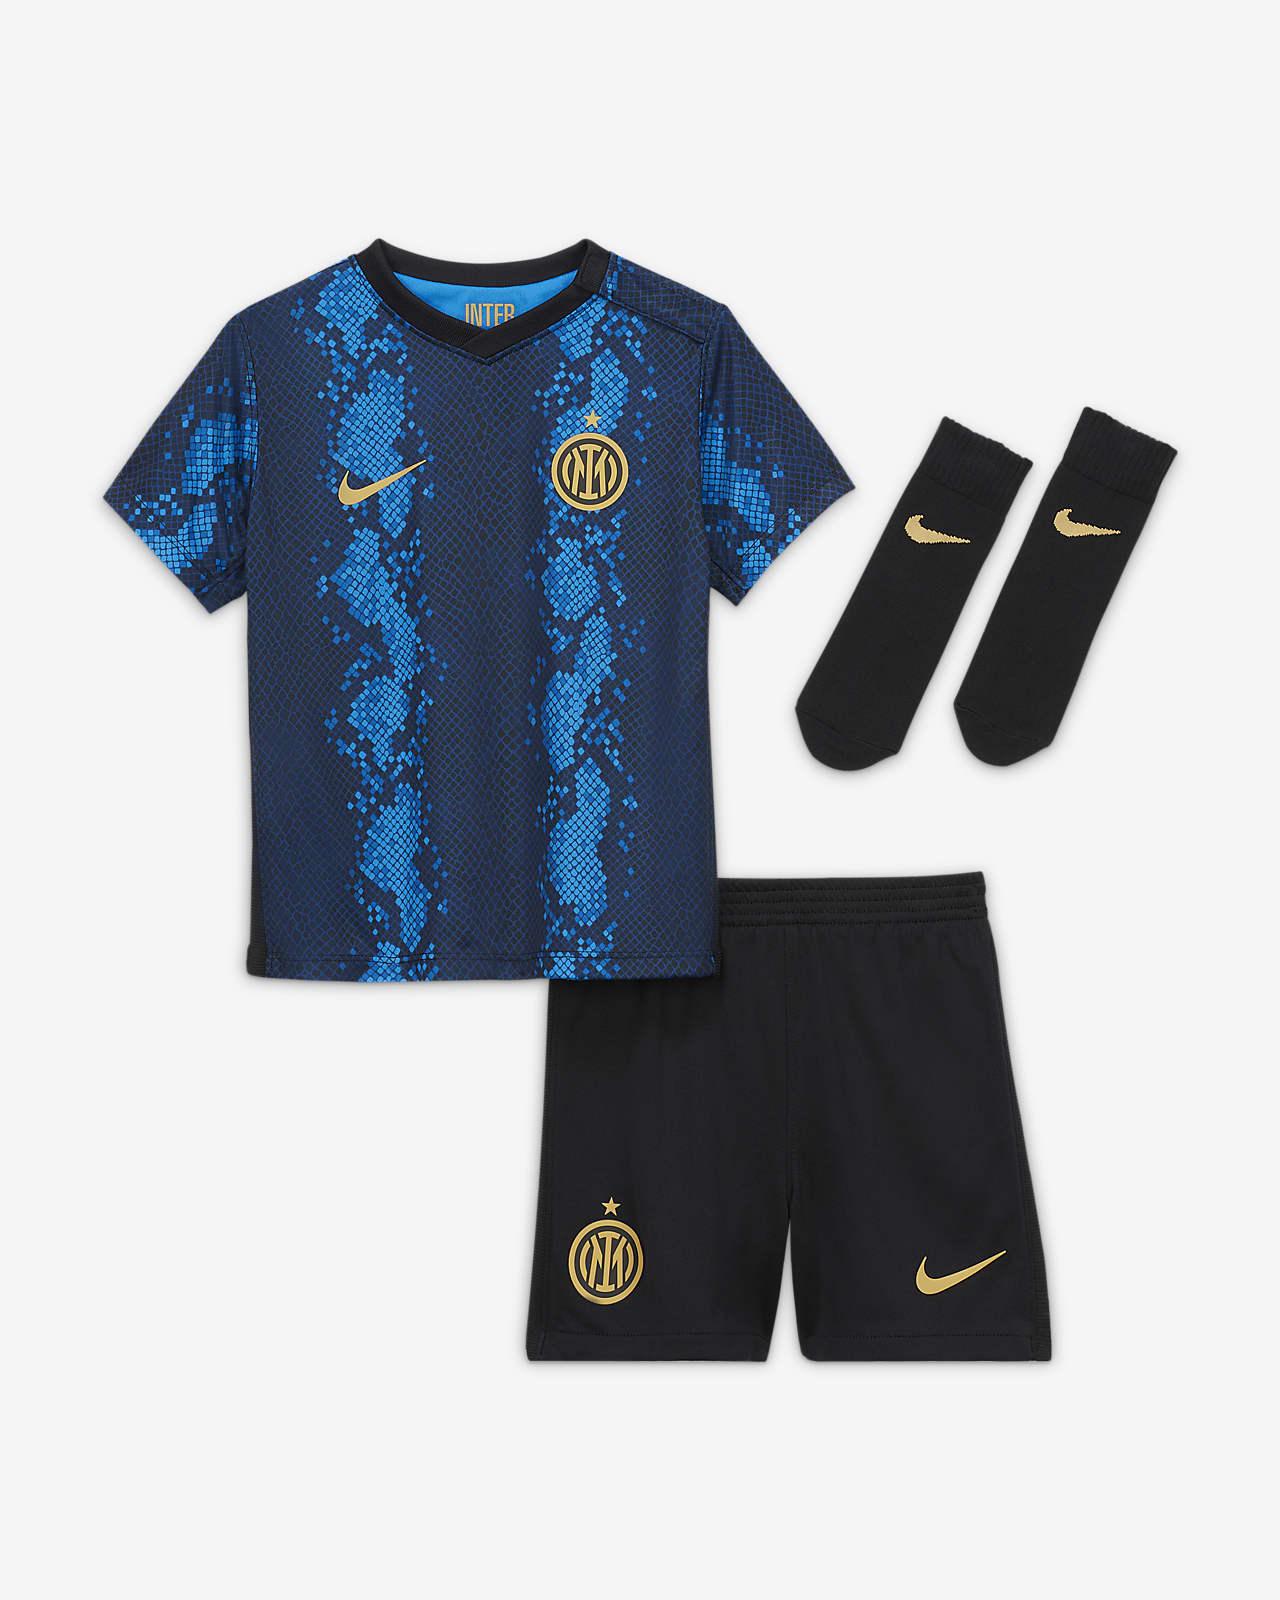 Tenue de football Inter Milan2021/22 Domicile pour Bébé et Petit enfant